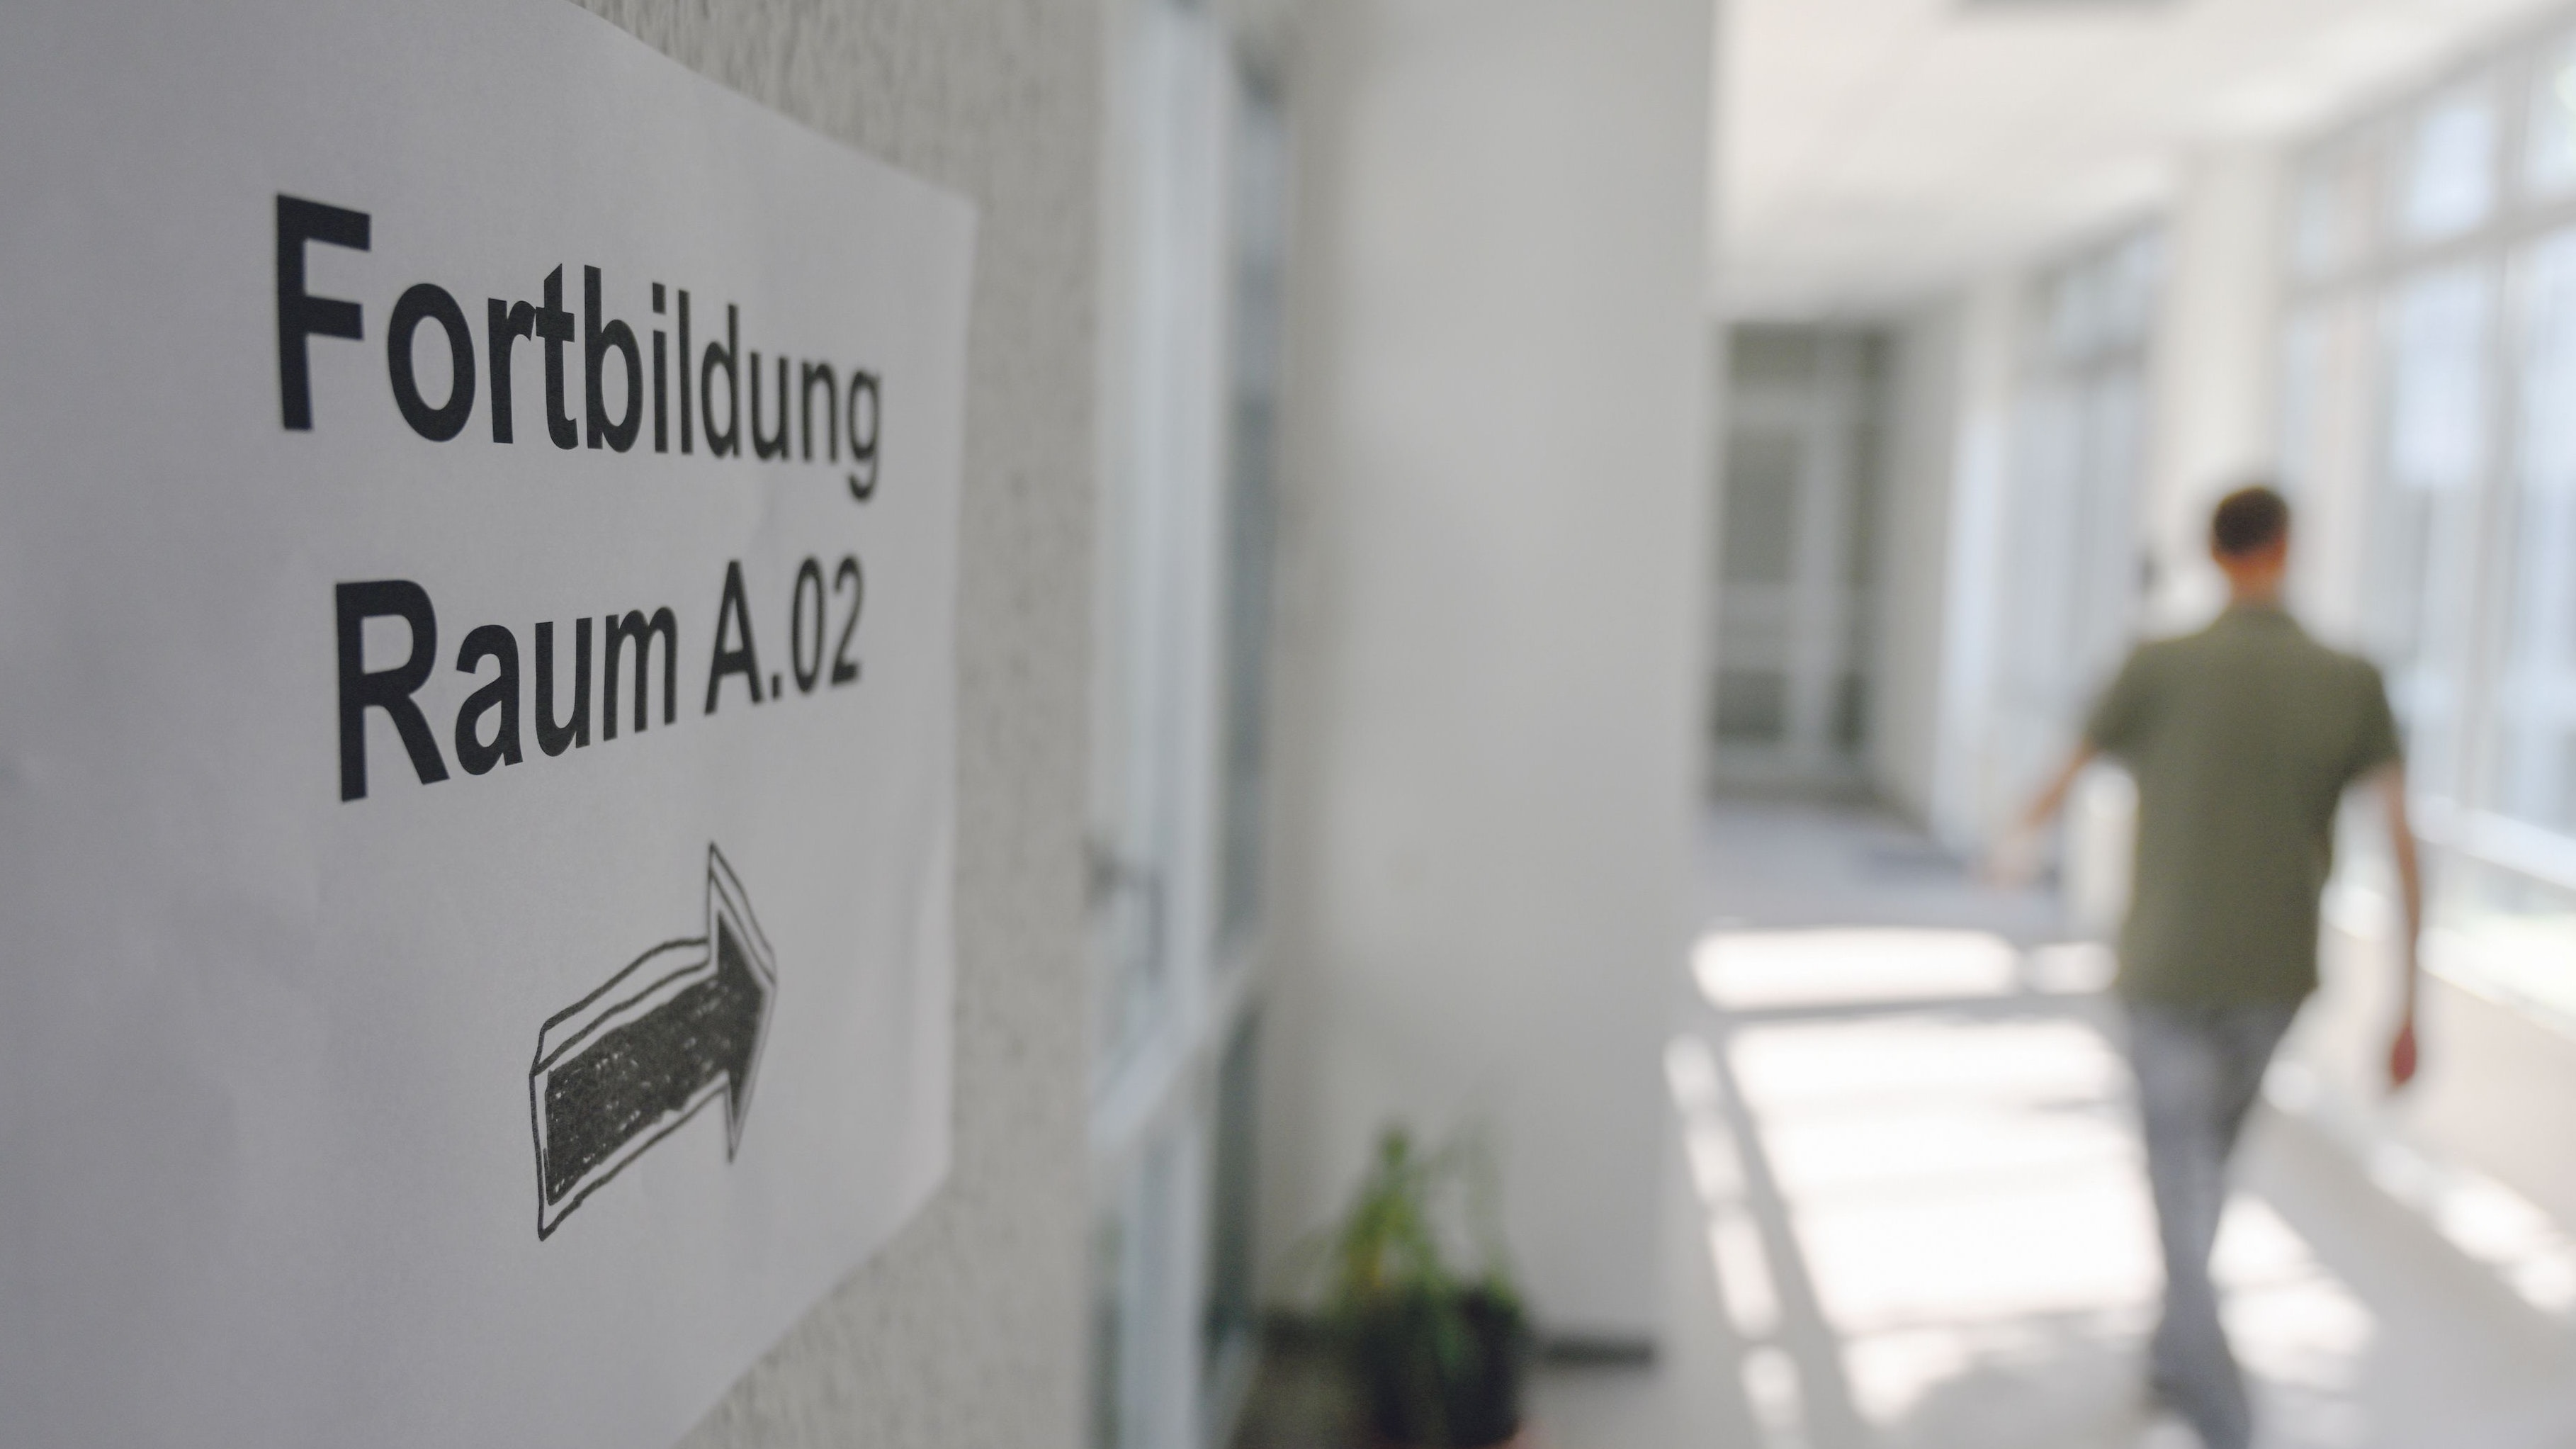 Fortbildung im Arbeitsalltag: Kleine und mittelständische Unternehmen haben Probleme, diese zu organisieren. Symbolfoto: Hermes